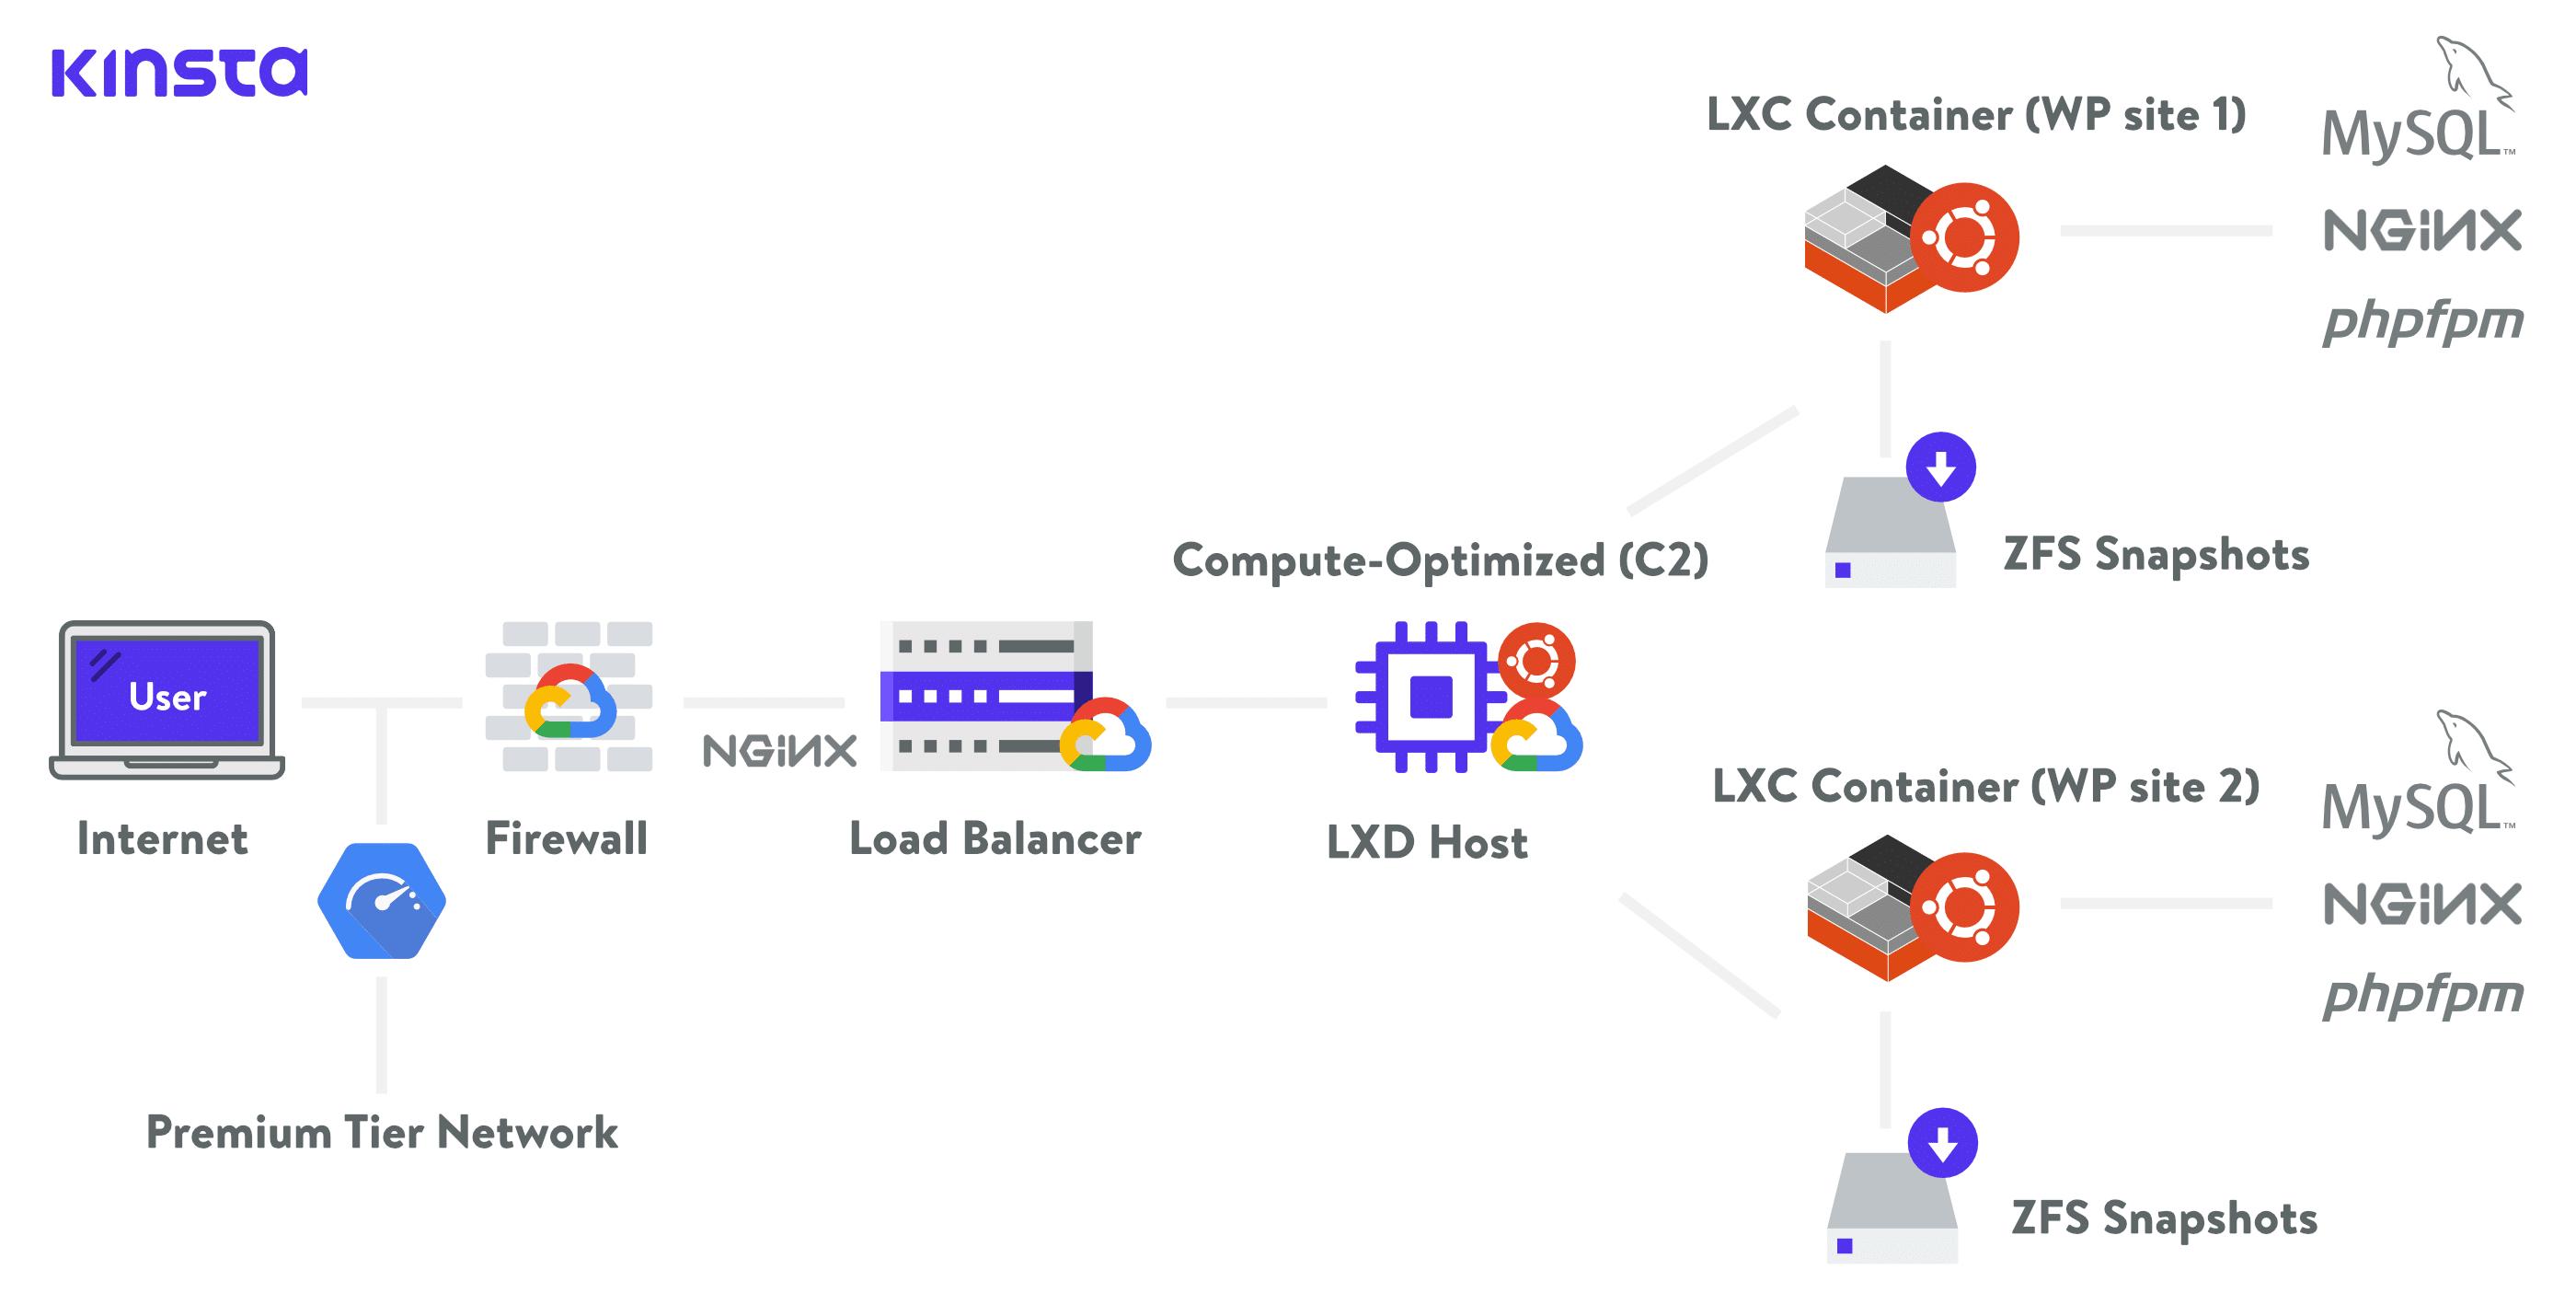 Kinsta hosting infrastructuur met GCP C2 VM